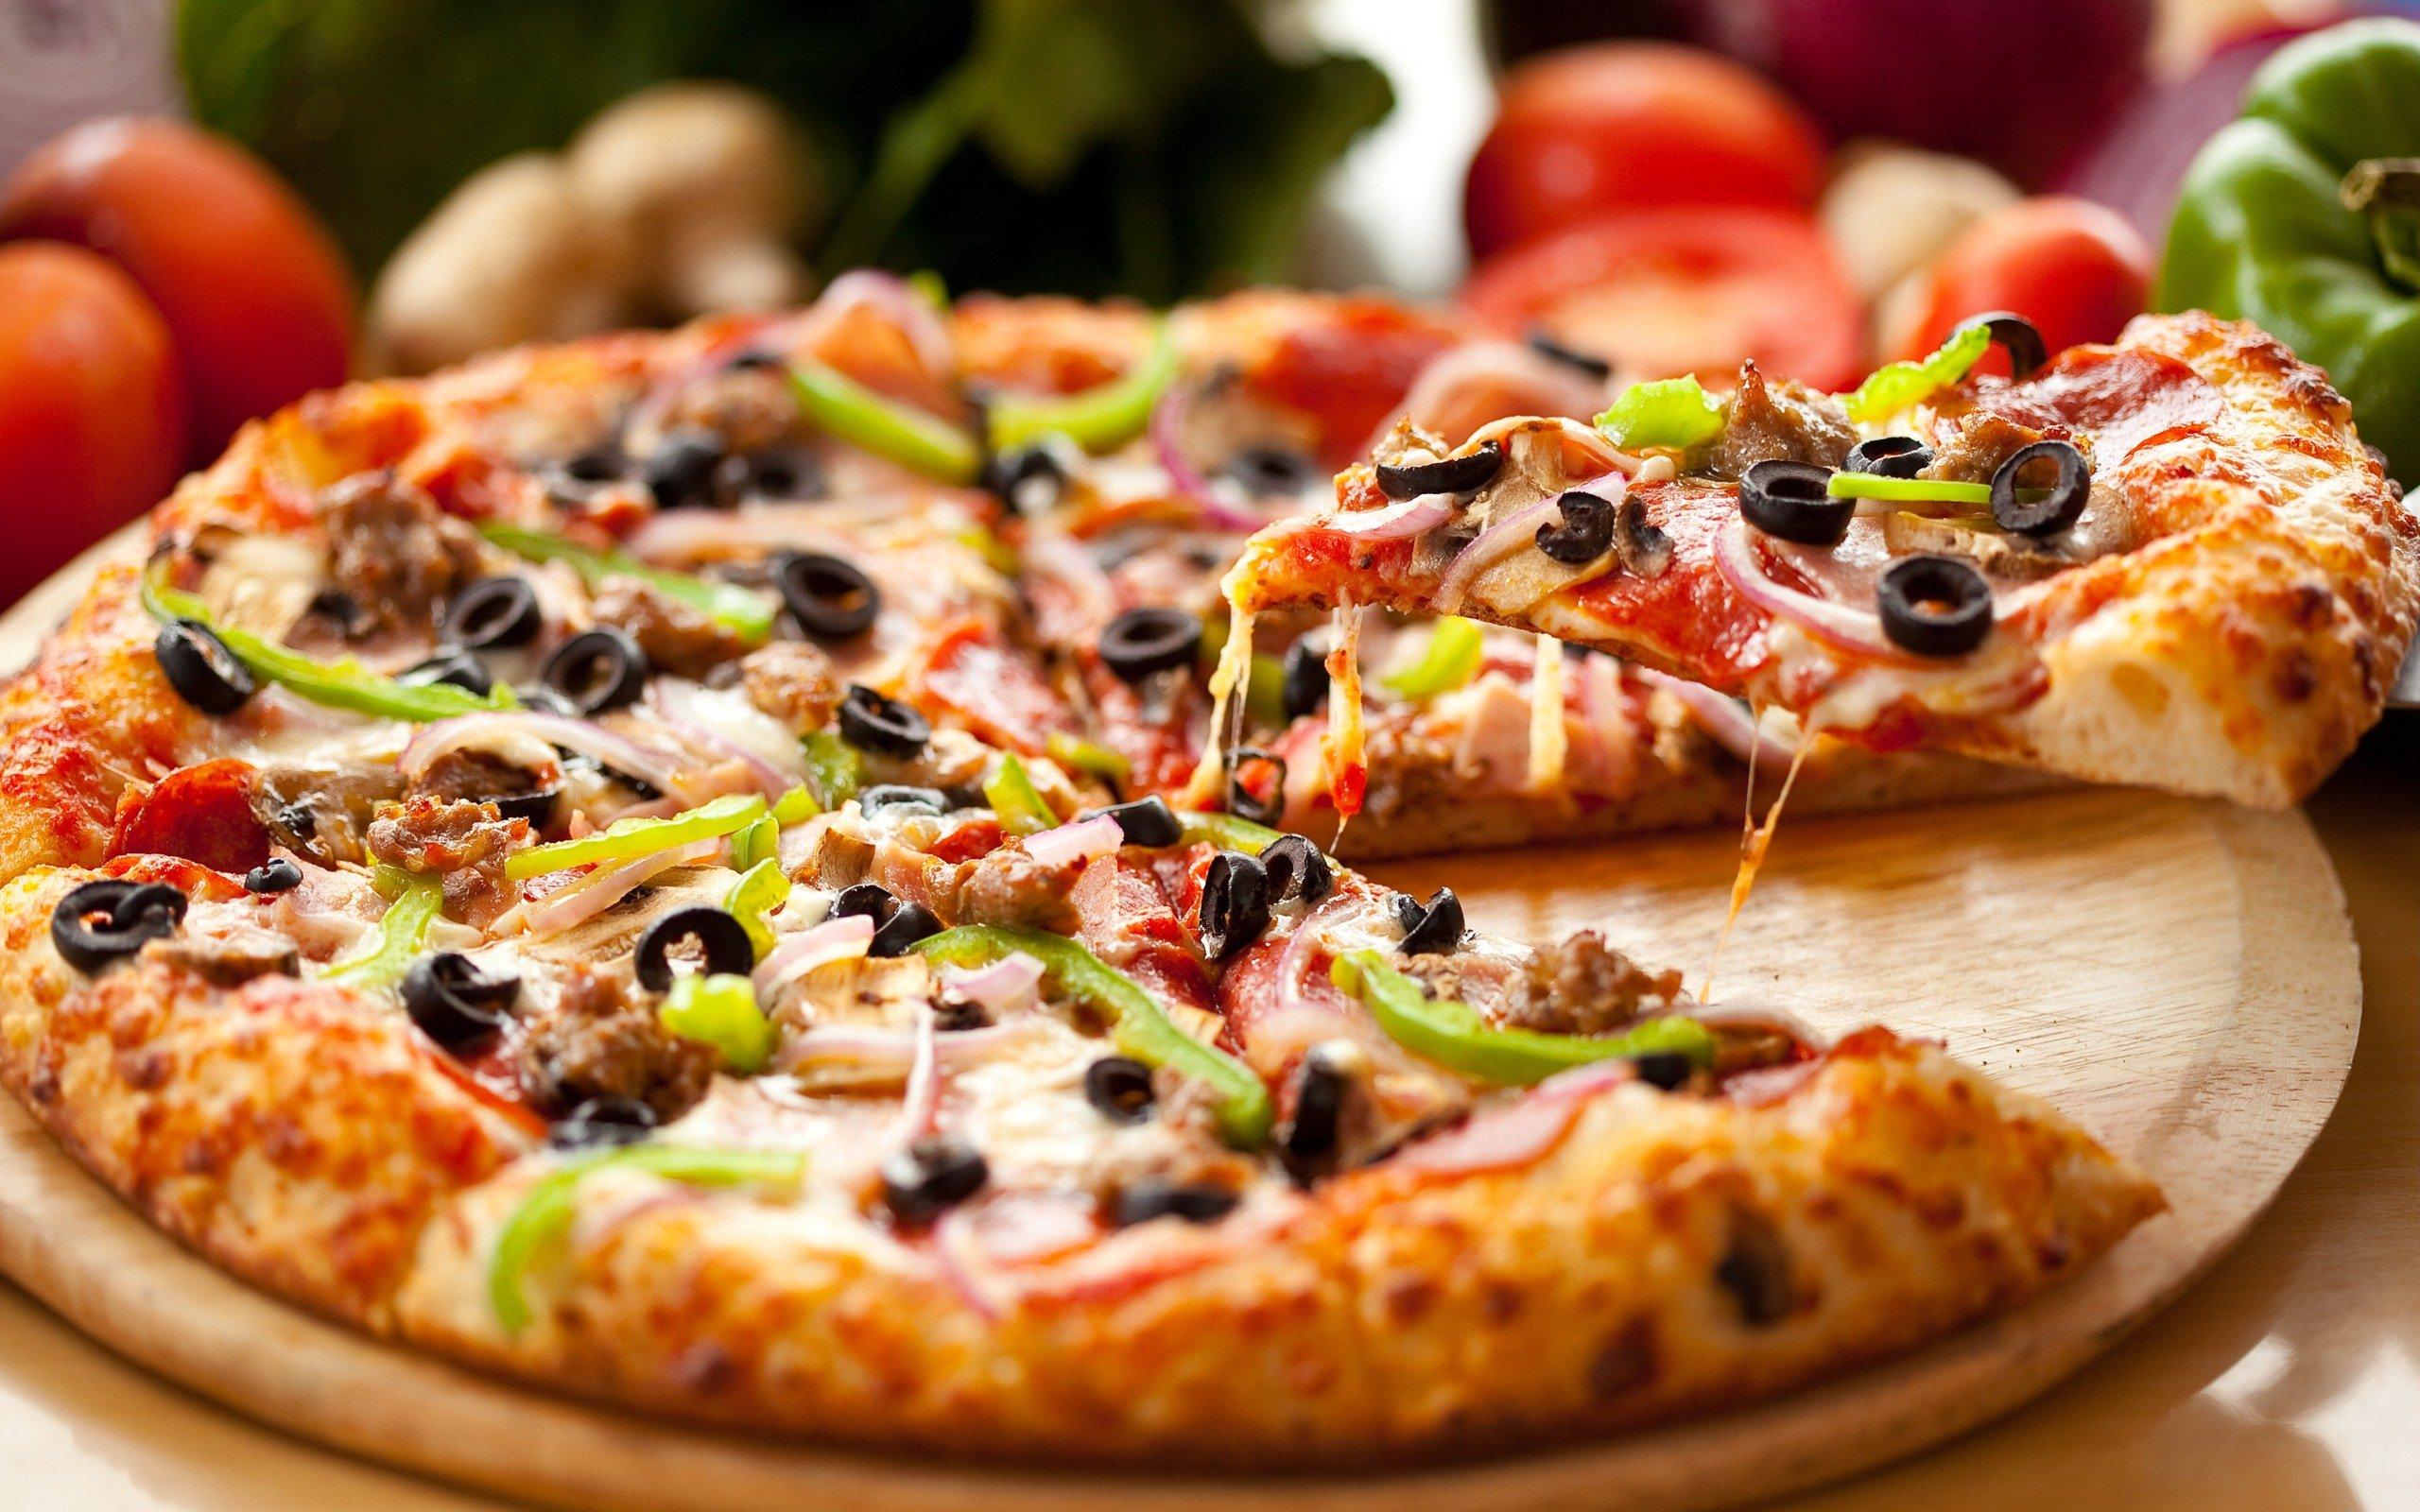 ¡Cuídate! 6 comidas que causan adicción